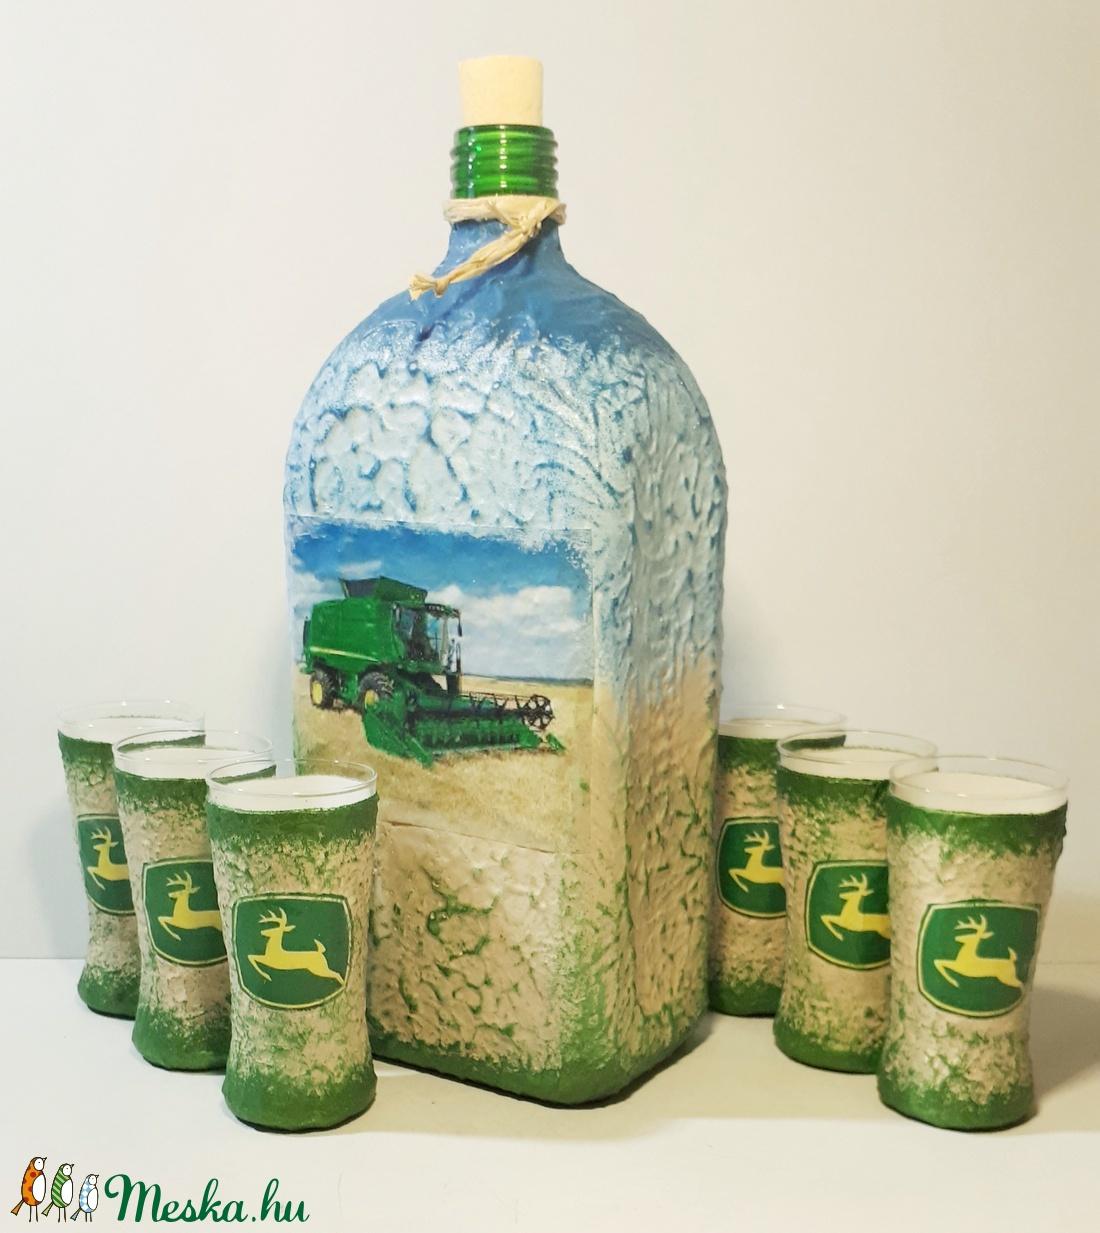 John Deere kombájn díszüveg röviditalos poharakkal kombájnt kedvelőknek szülinapra, névnapra (Biborvarazs) - Meska.hu